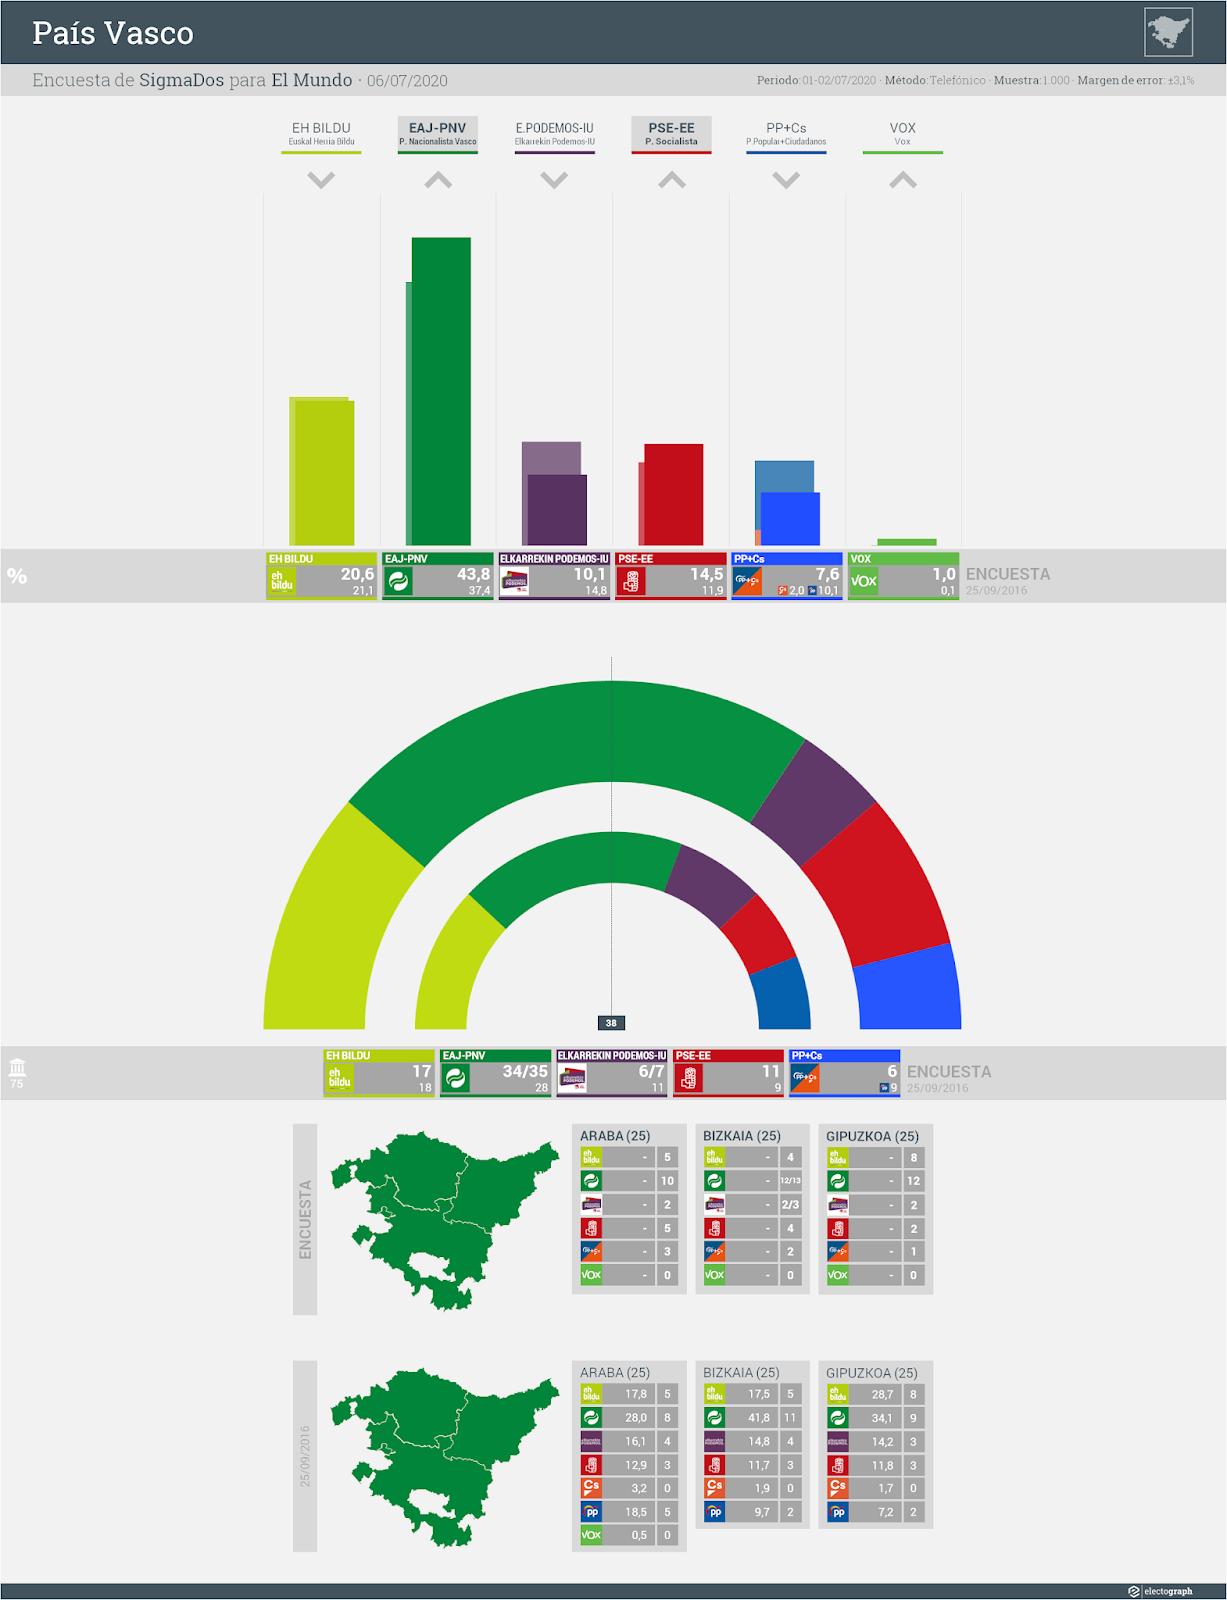 Gráfico de la encuesta para elecciones autonómicas en el País Vasco realizada por SigmaDos para El Mundo, 6 de julio de 2020